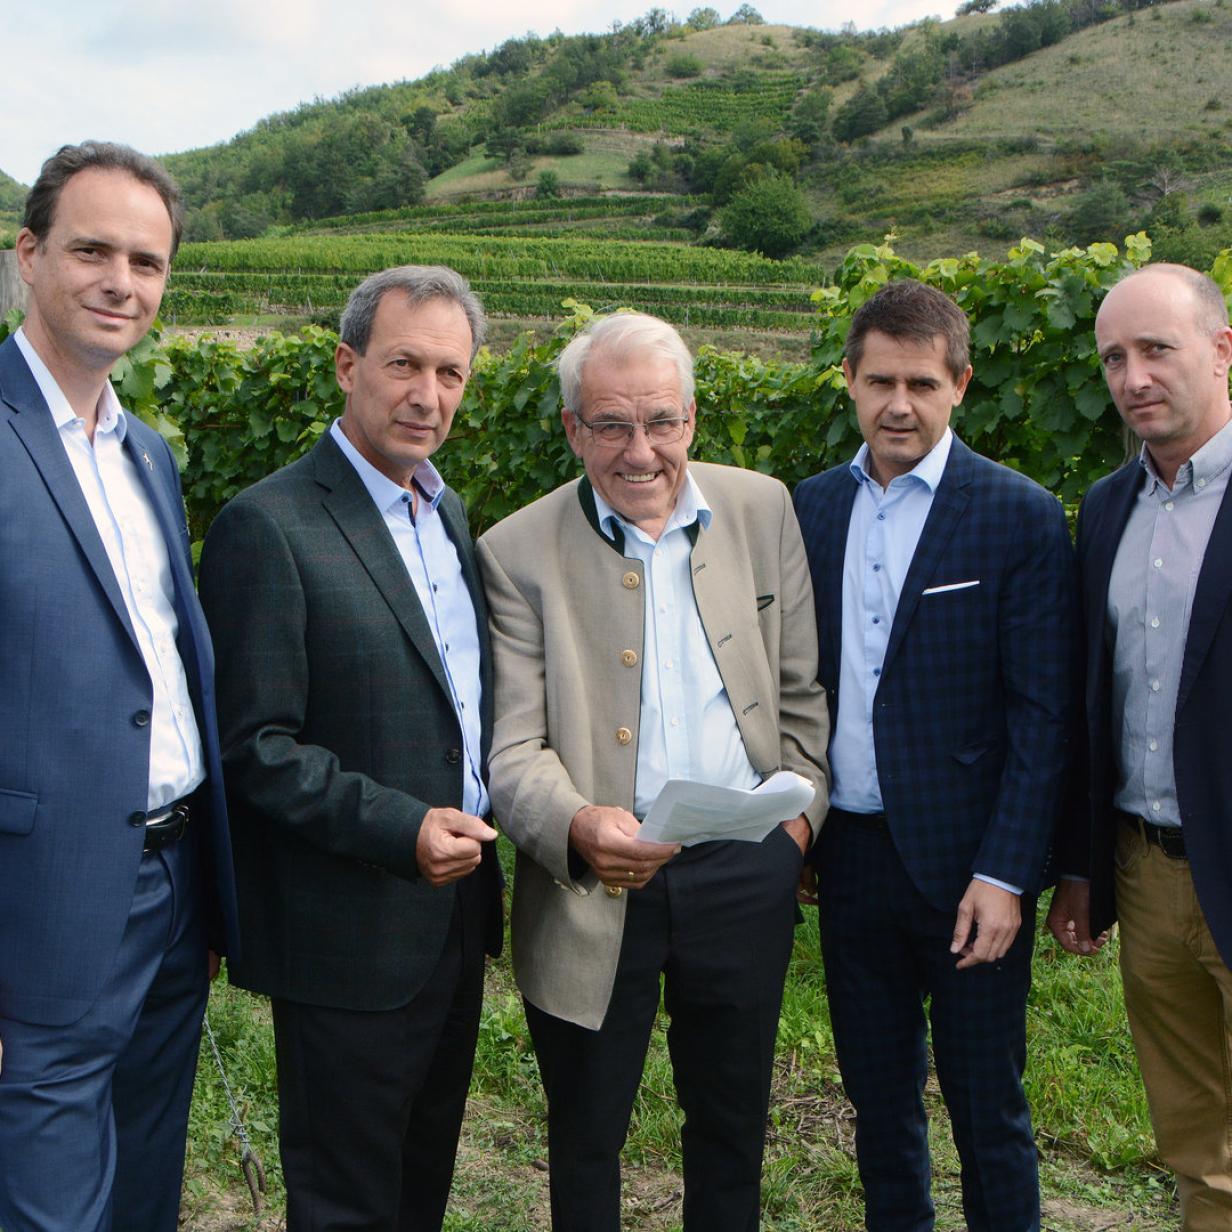 Weingarten soll verbaut werden: Winzer sehen Wachau bedroht